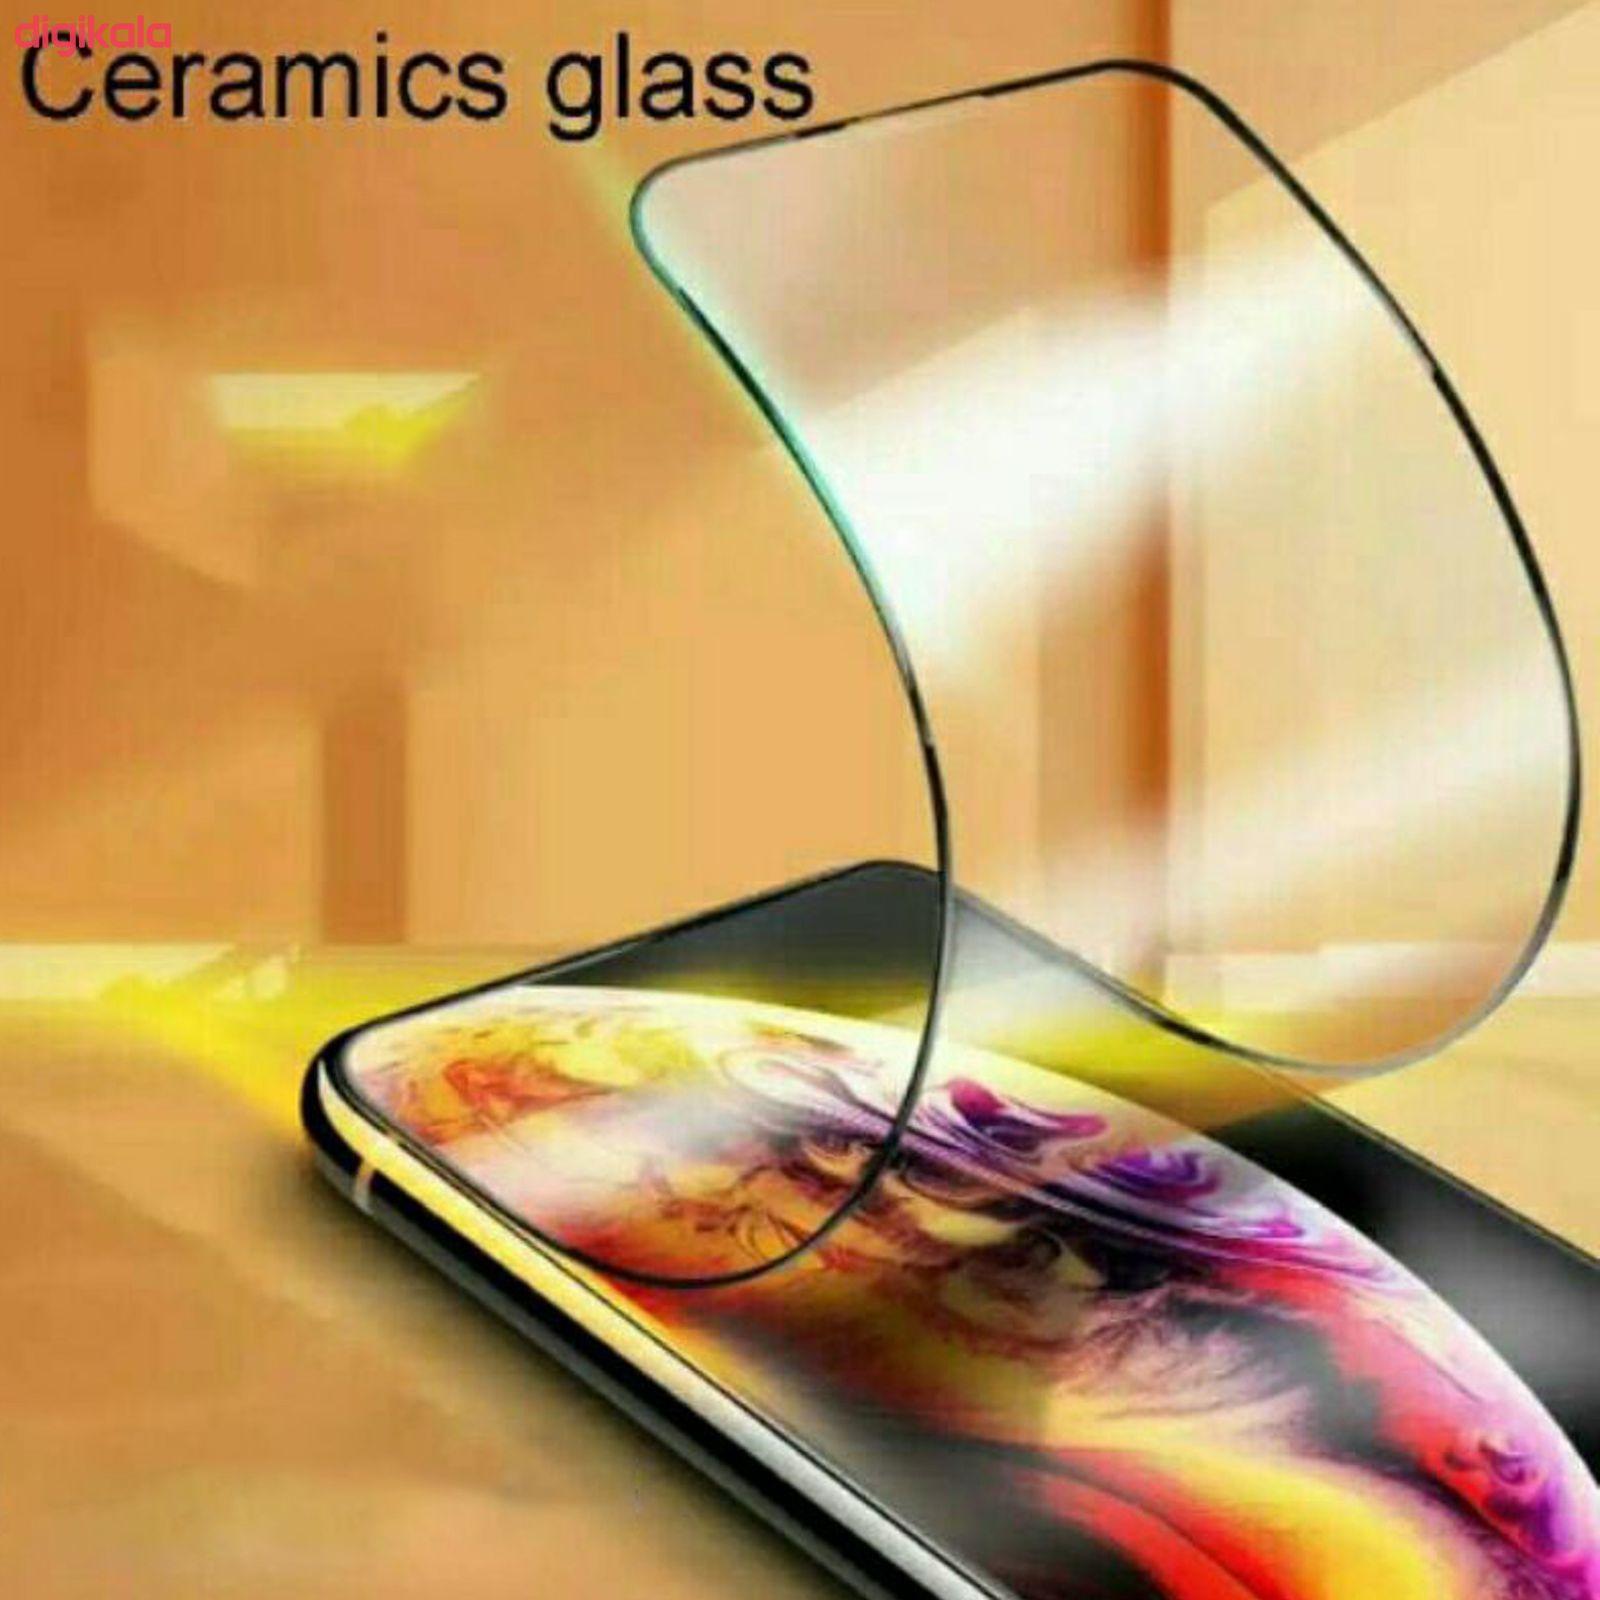 محافظ صفحه نمایش سرامیکی اسپایدر مدل CER-CL مناسب برای گوشی موبایل سامسونگ Galaxy A31 main 1 2